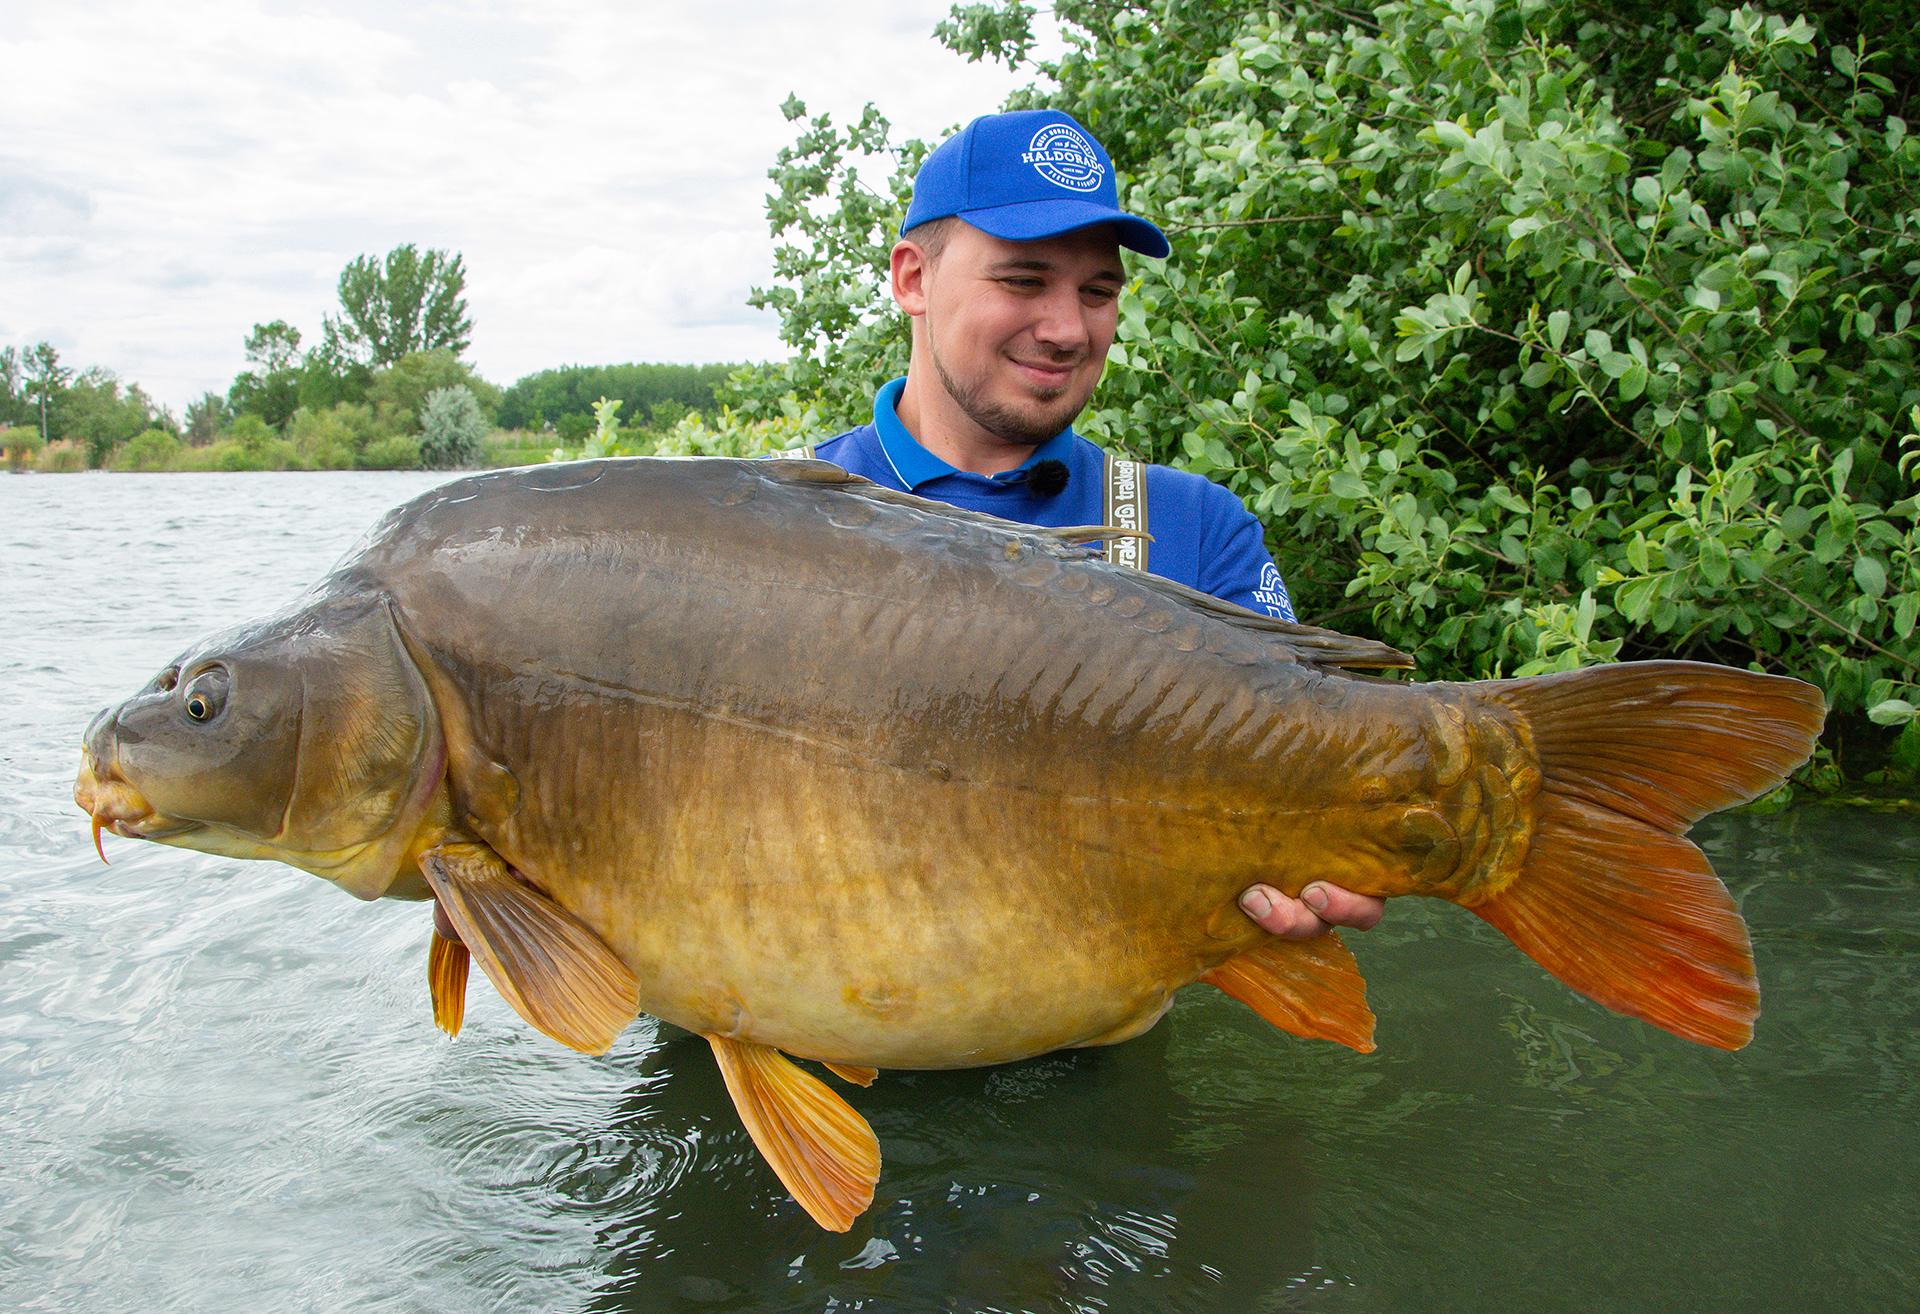 Egy 20 kg feletti, csodálatos tükörponttyal ajándékozott meg a tó, ami egyben új tükörponty rekordom is lett!